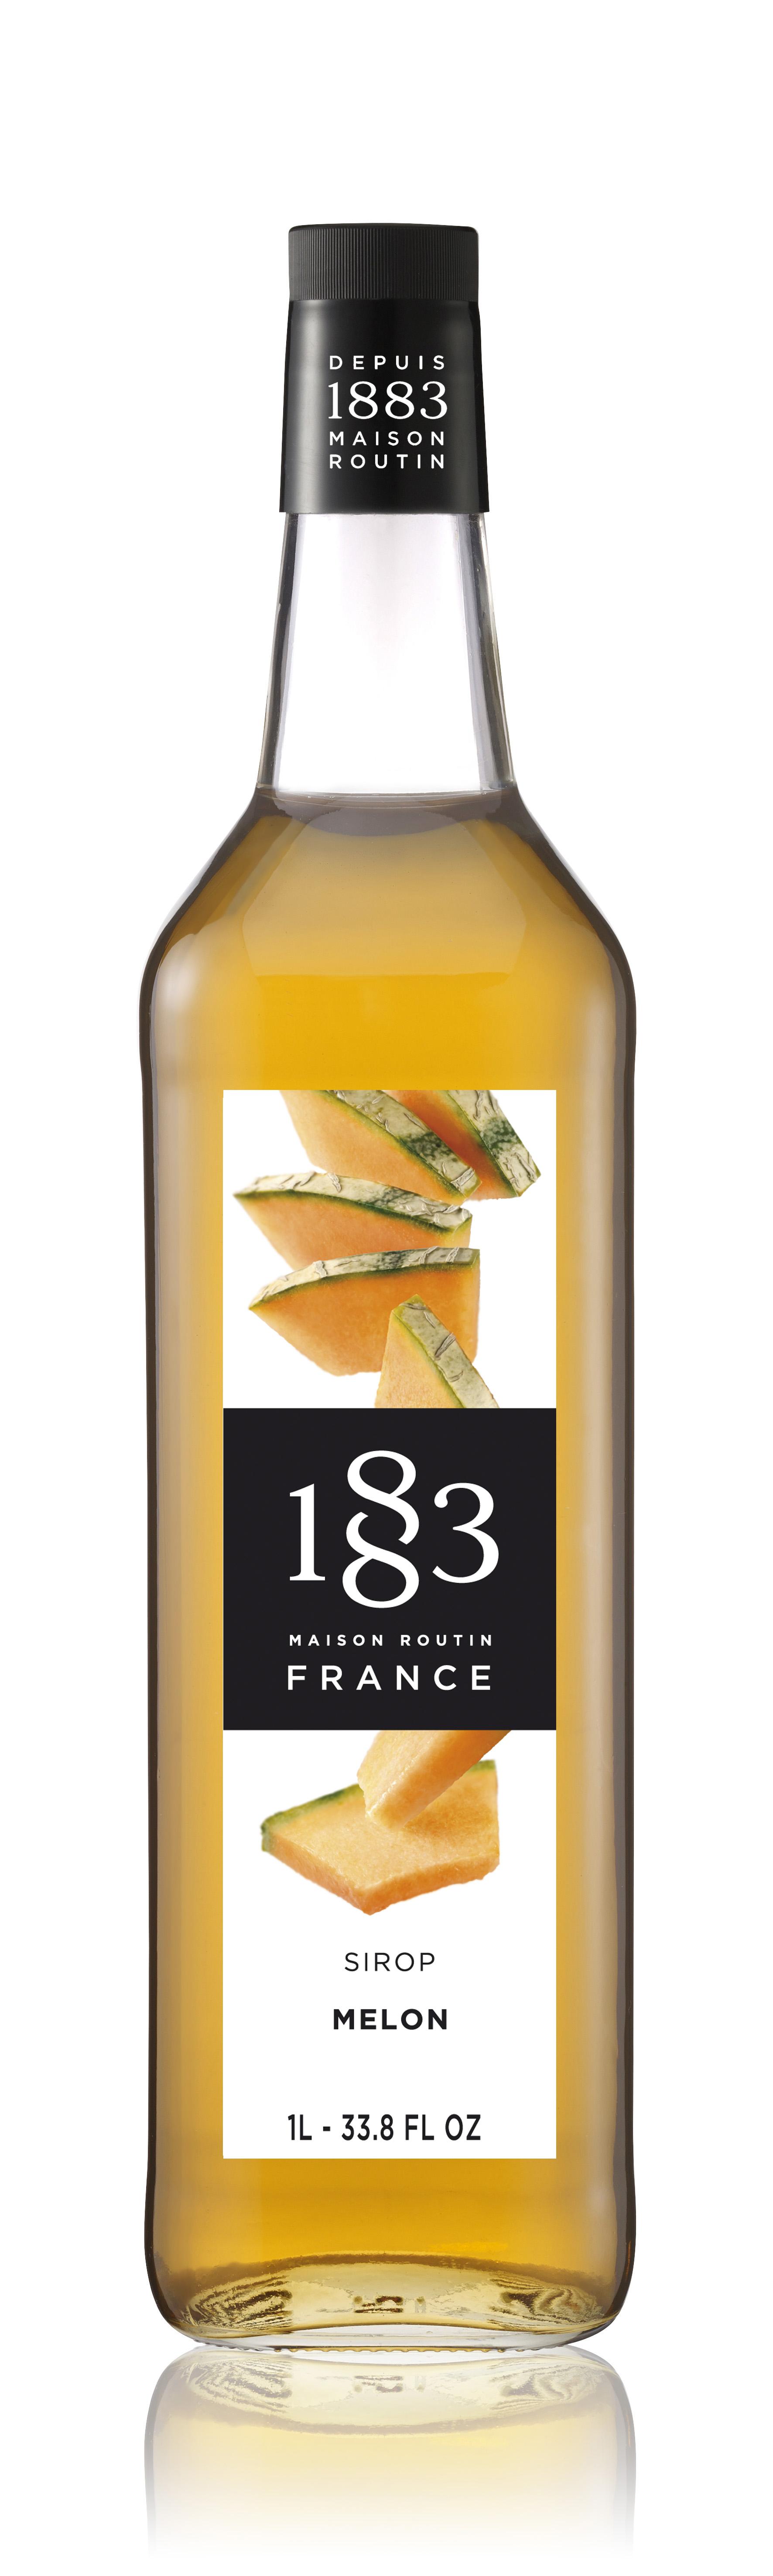 1883 Syrup Melon 1L Glass Bottle